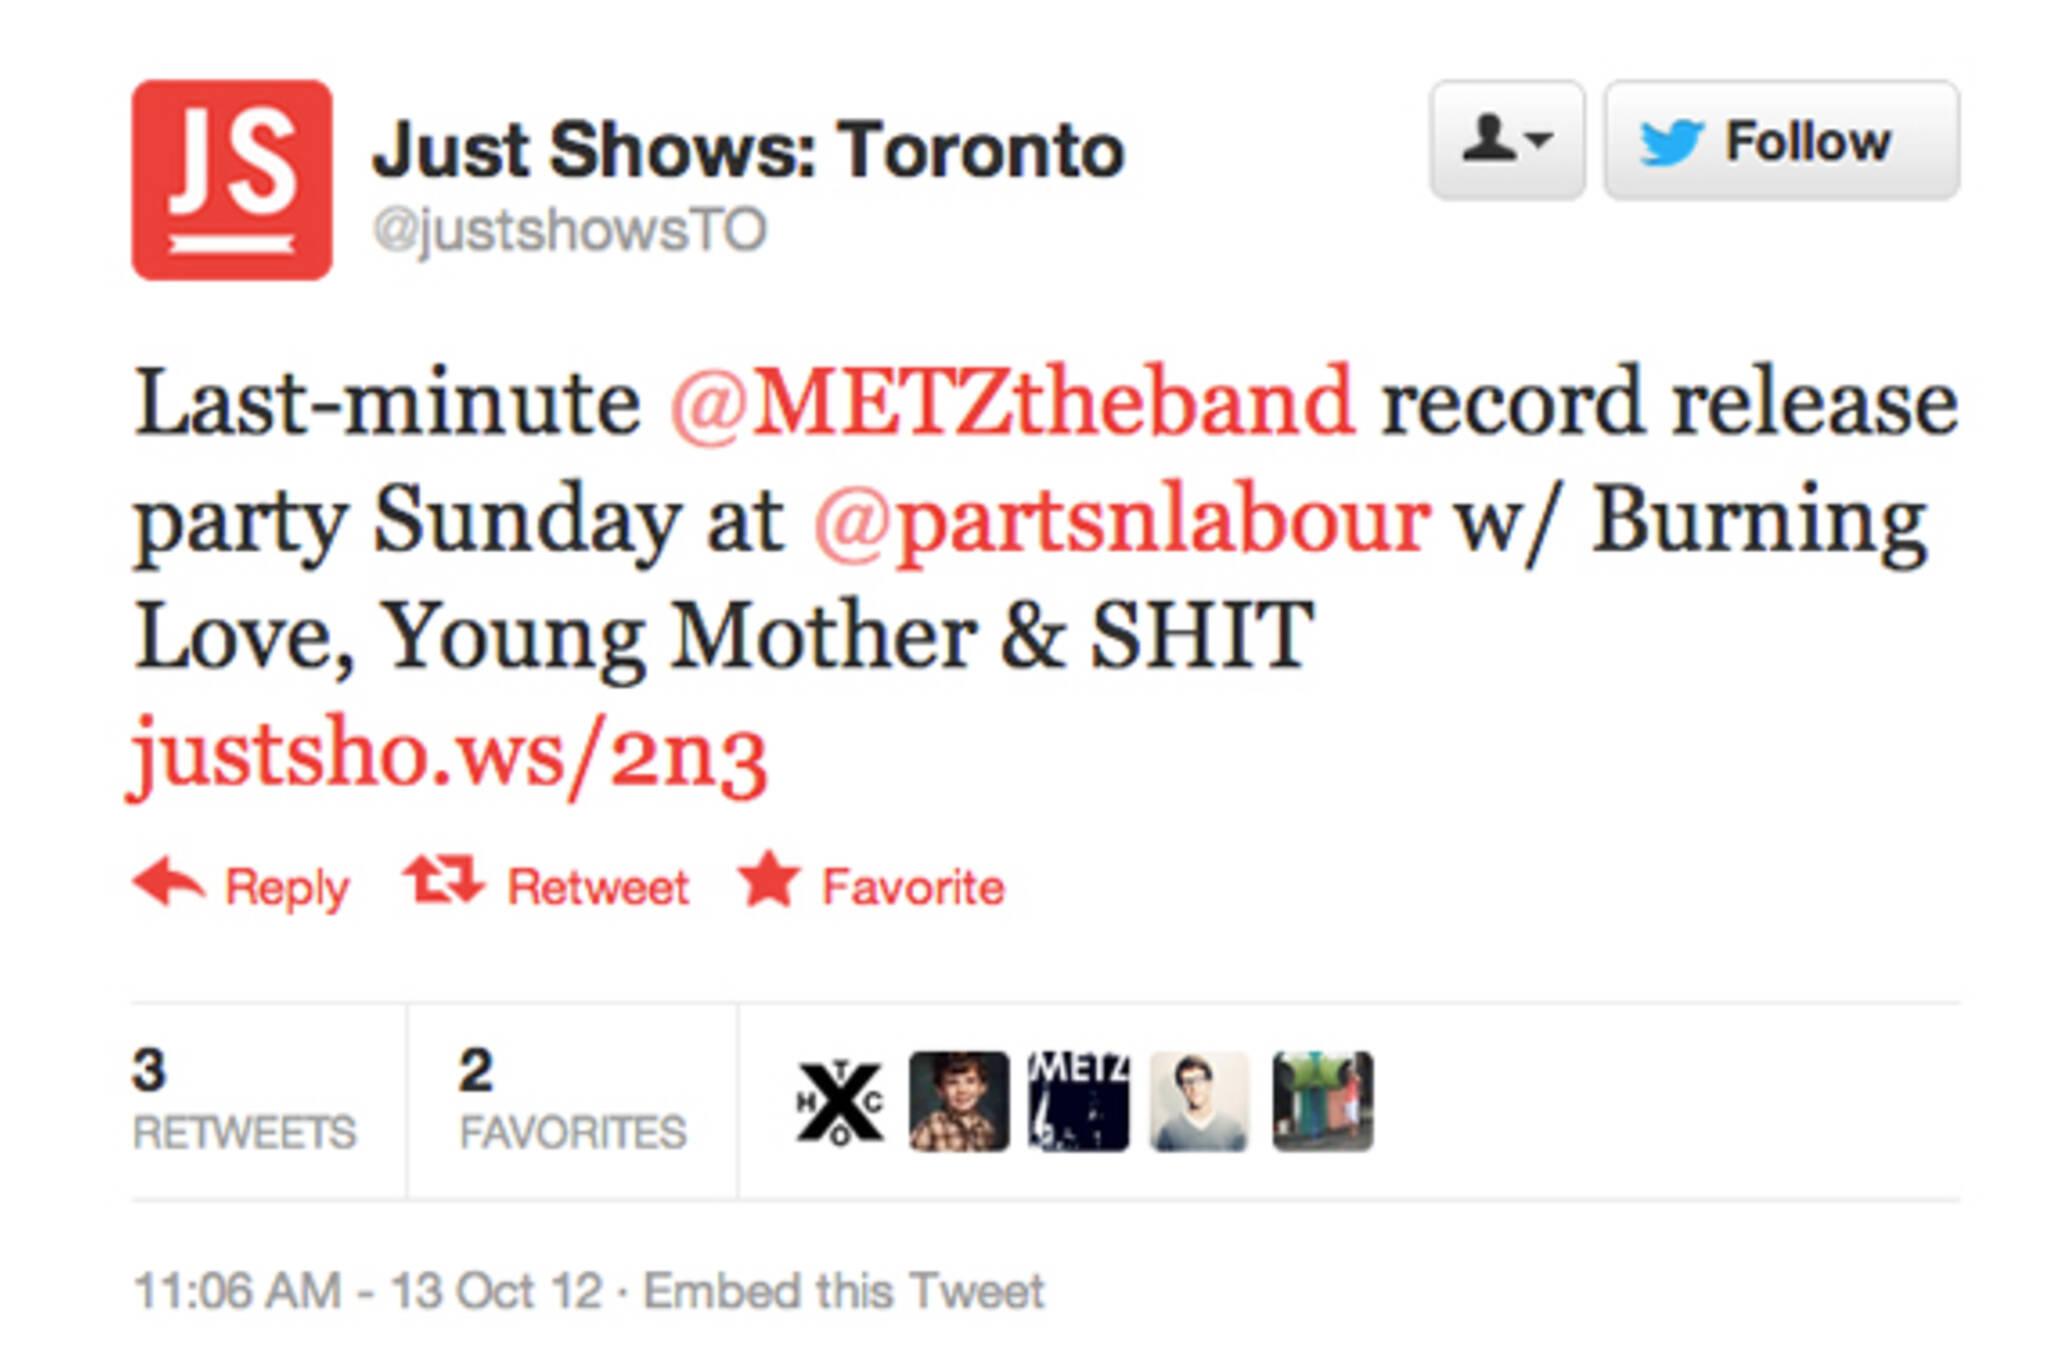 Toronto Twitter Music